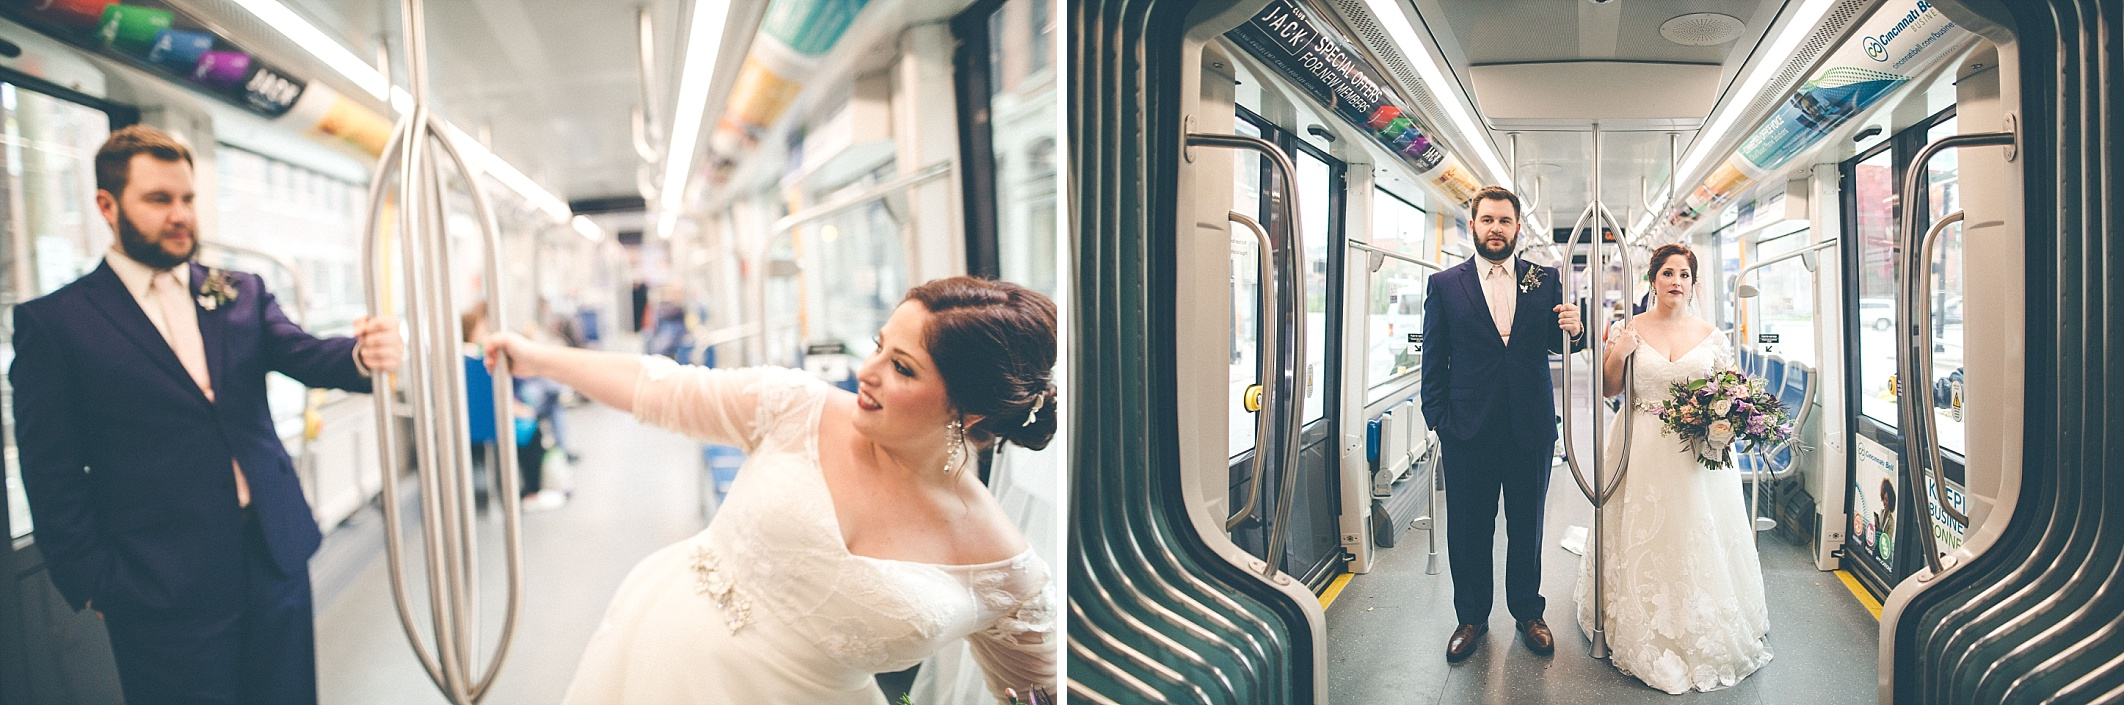 hilary-aaron-cincinnati-trancept-wedding-photographer-dayton-ohio_0014.jpg